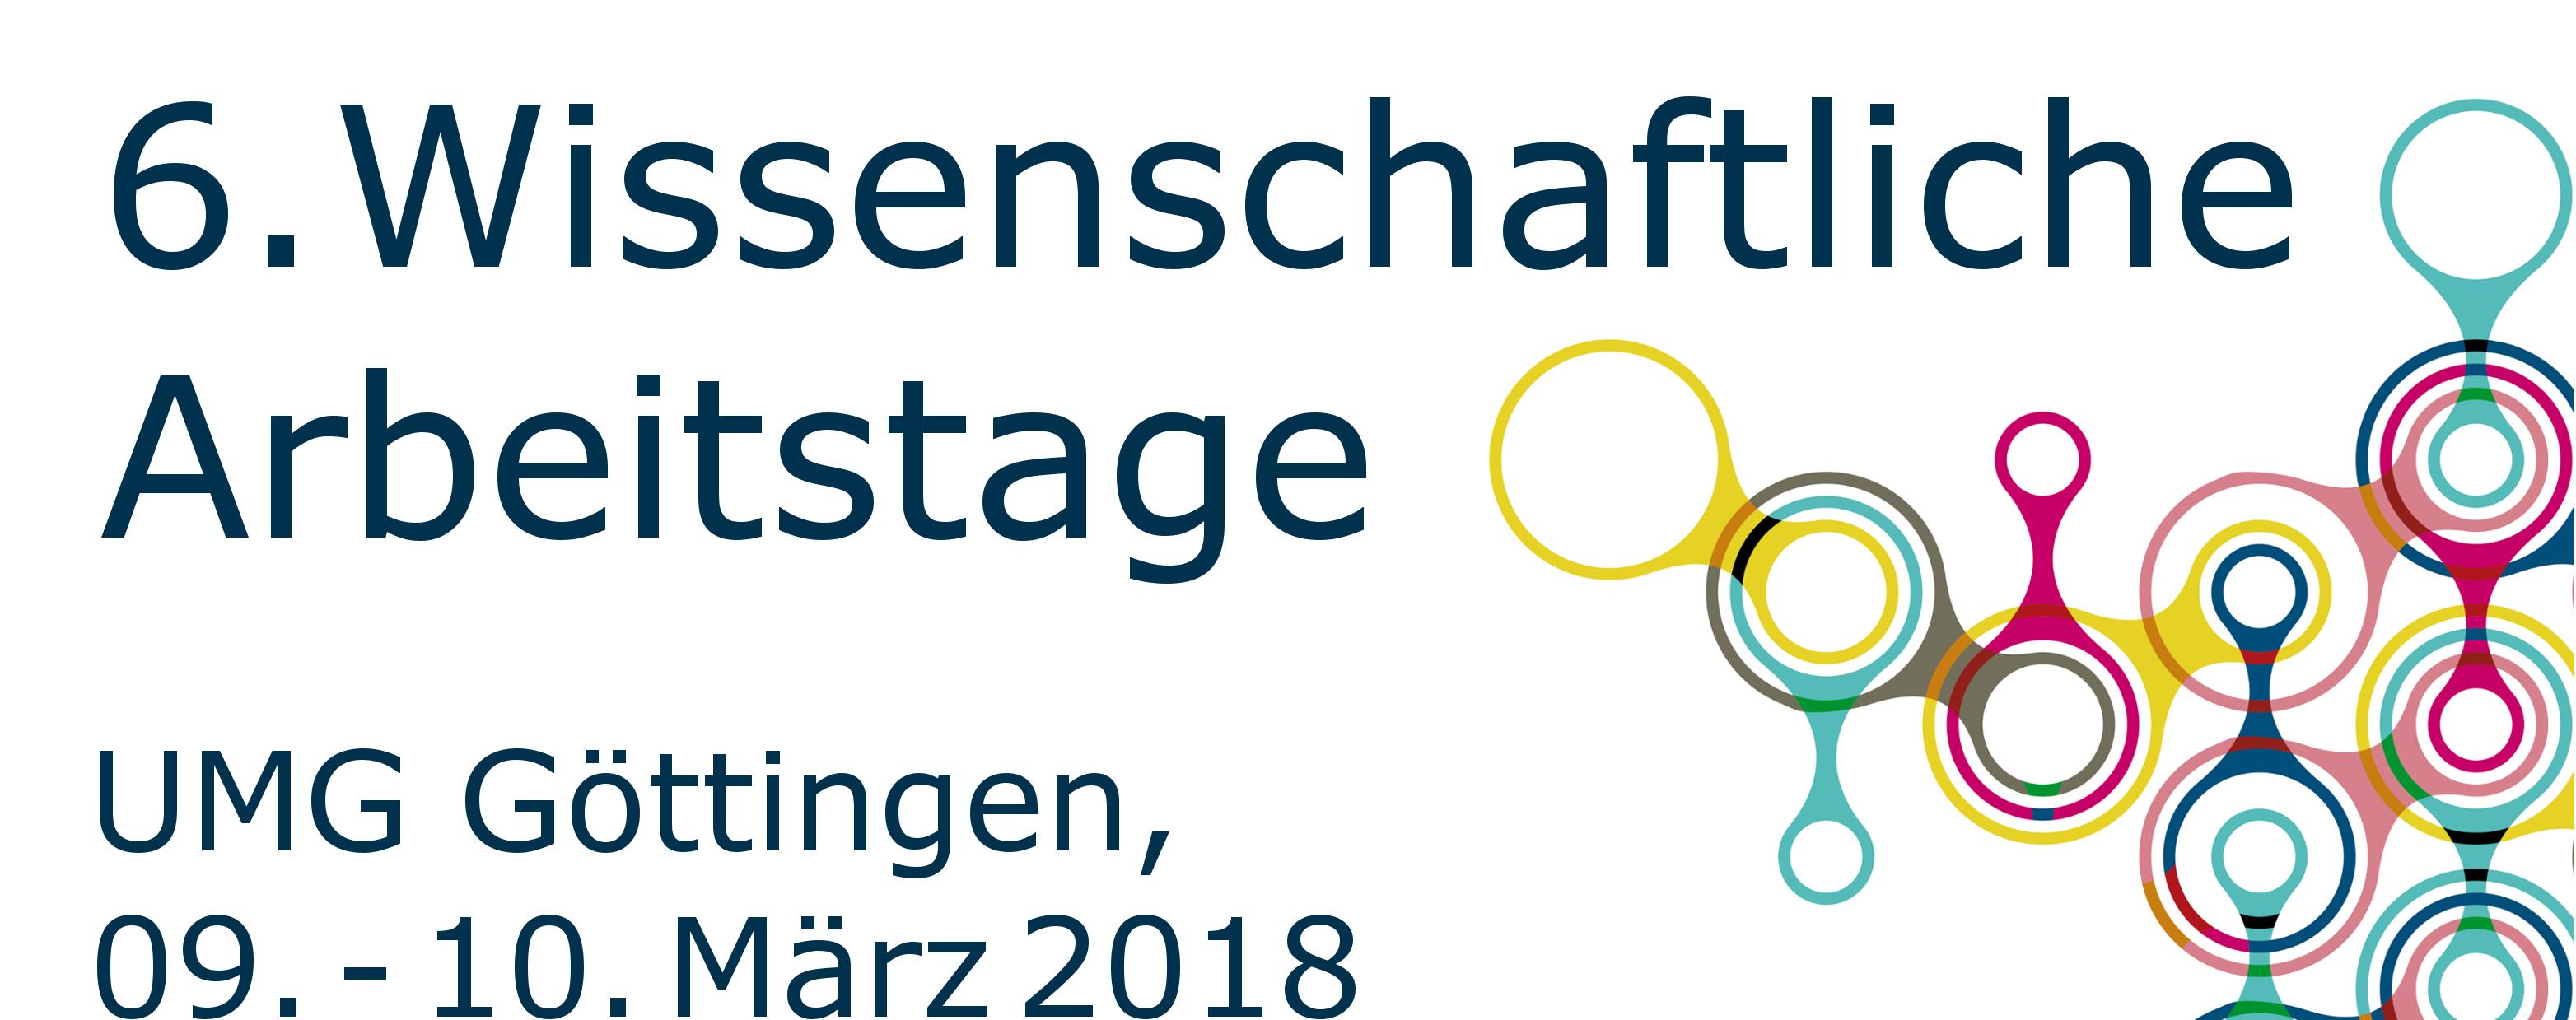 Wissenschaftliche Arbeitstage Erlangen Göttingen Allgemein